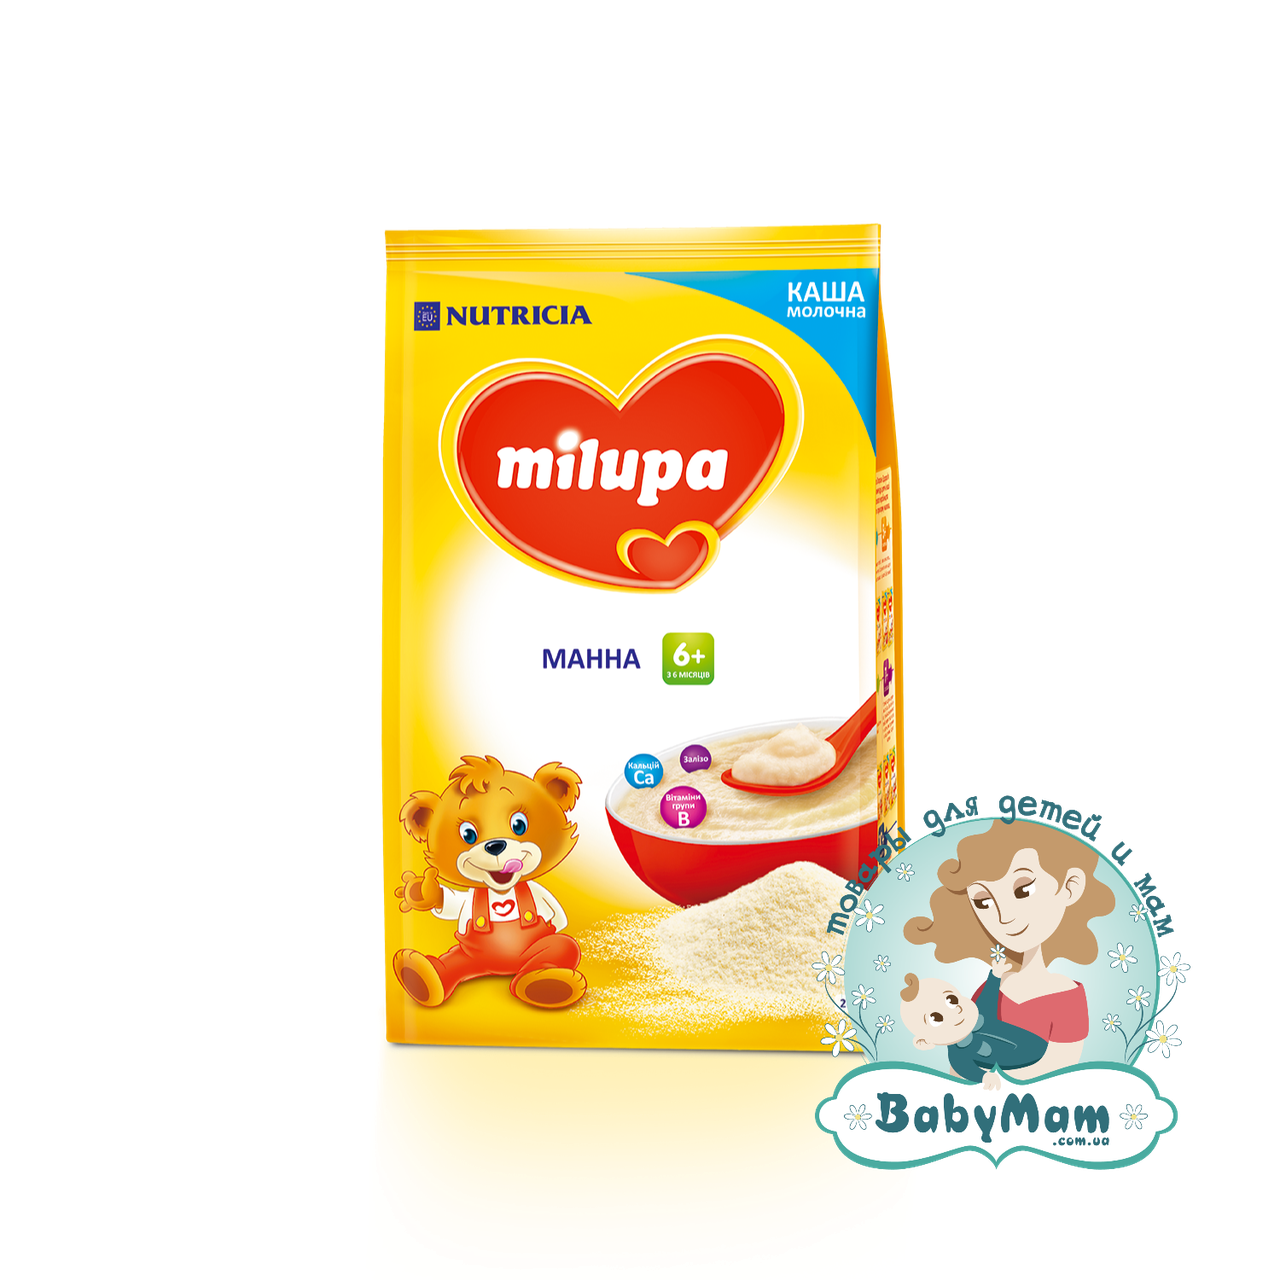 Каша молочная Milupa манная, 6+, 210гр